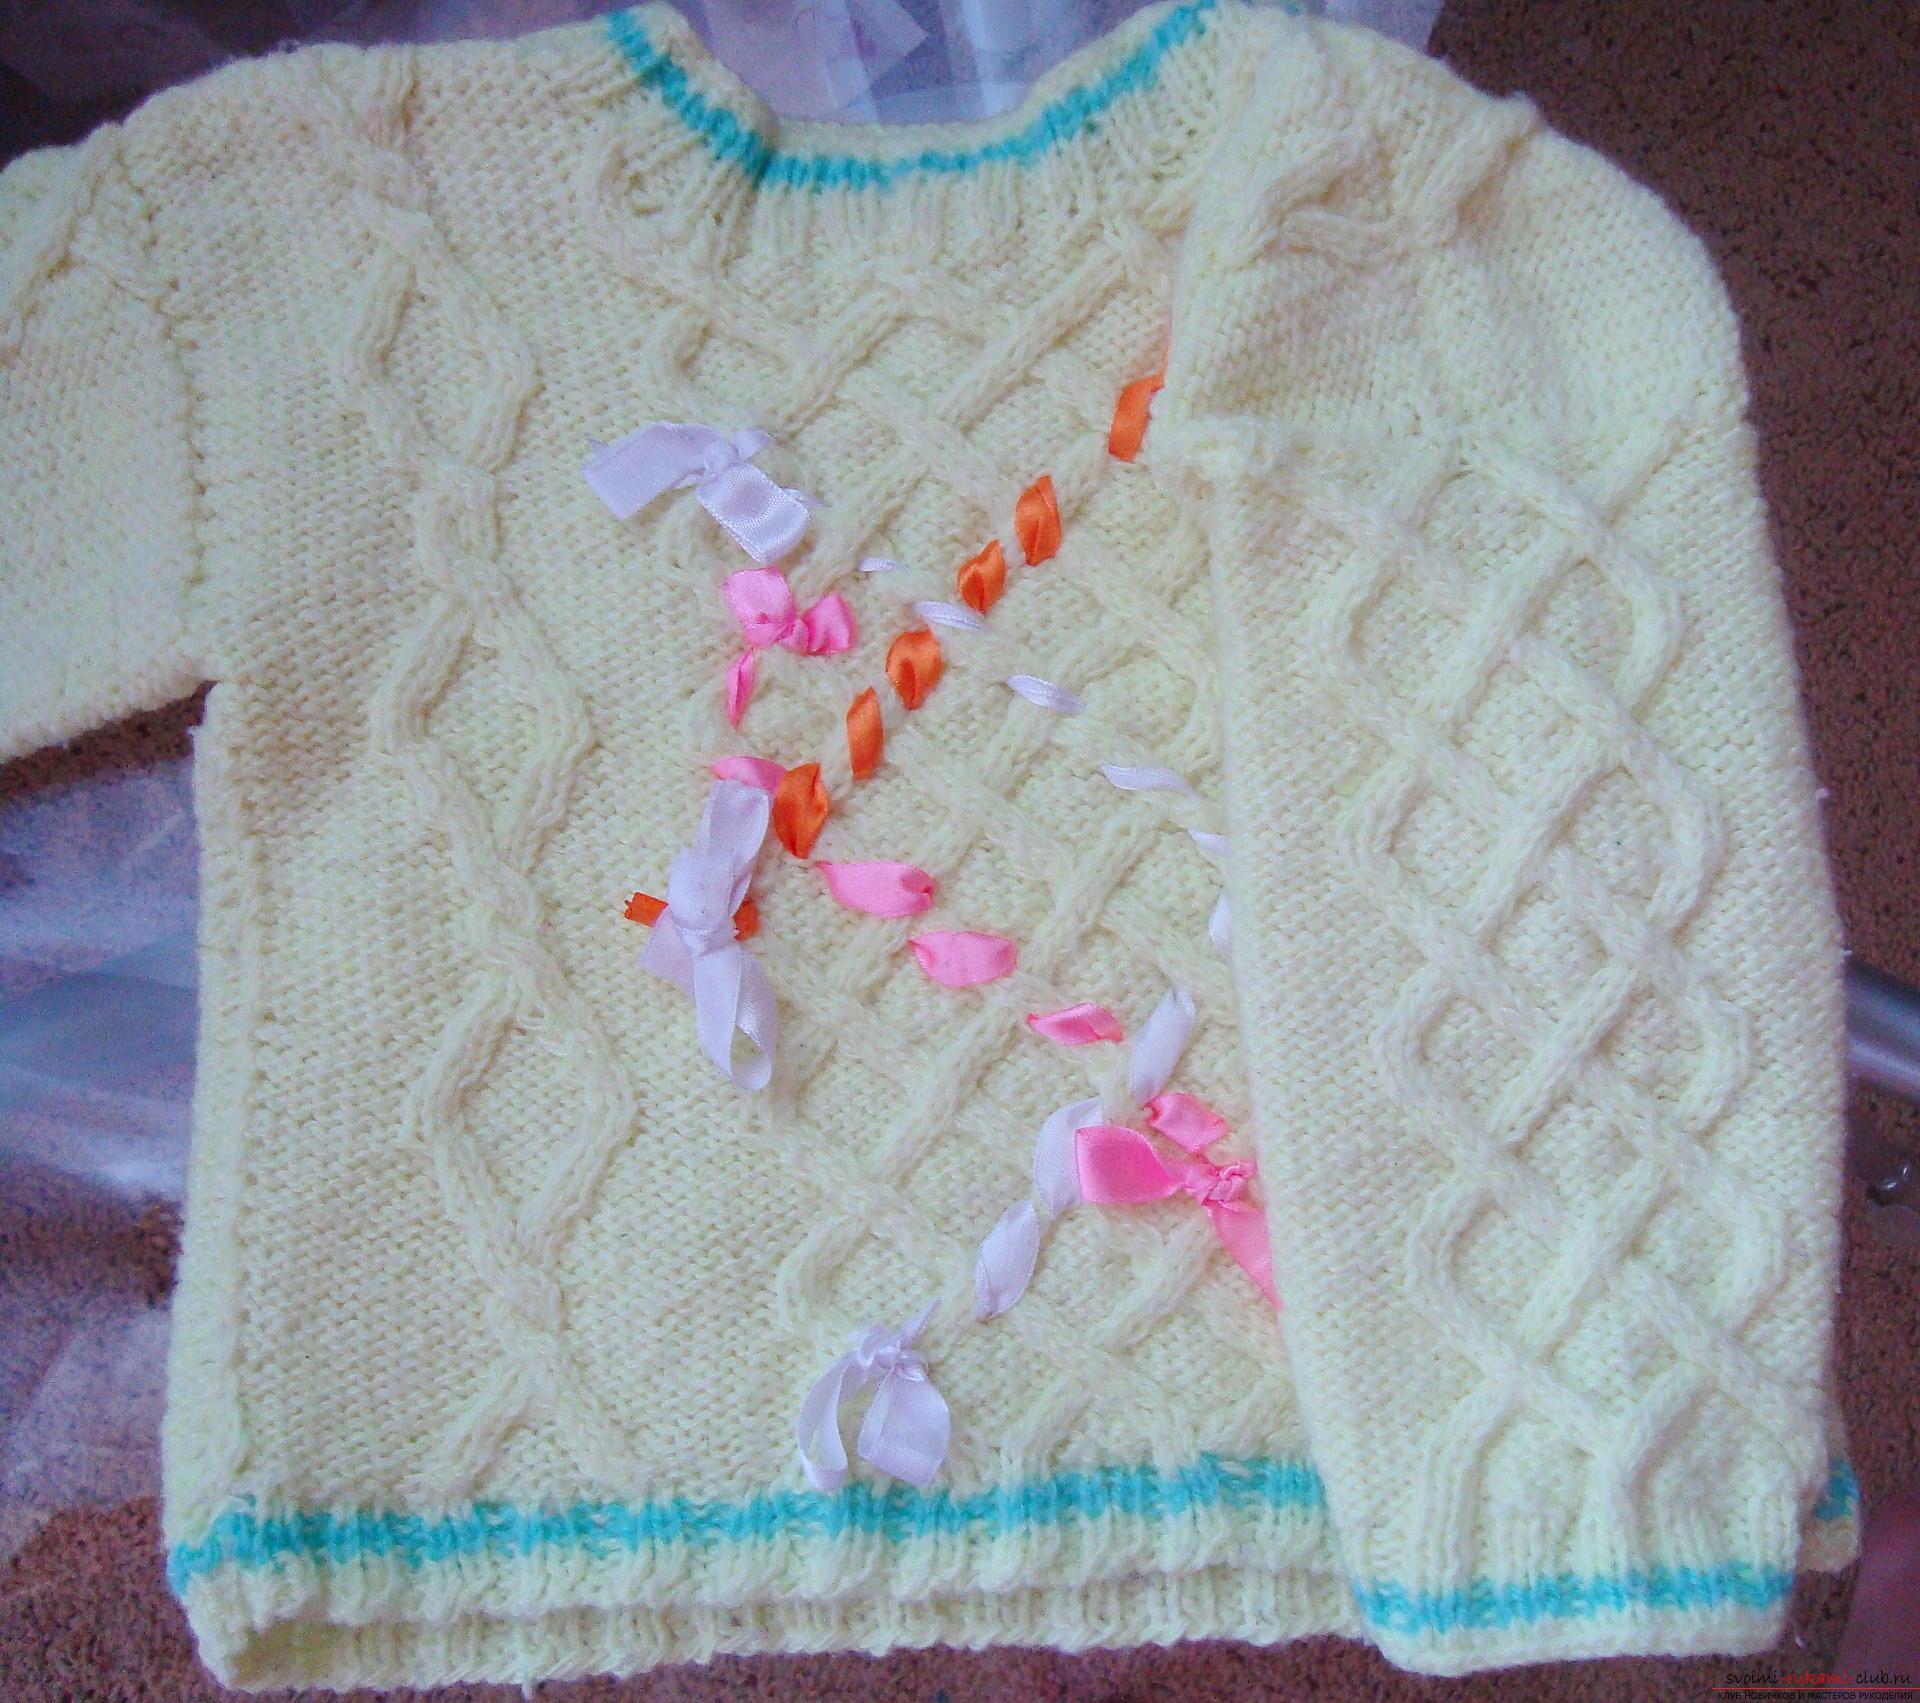 Пошаговая фото-инструкция по вязанию детского свитера на спицах. Фото №12